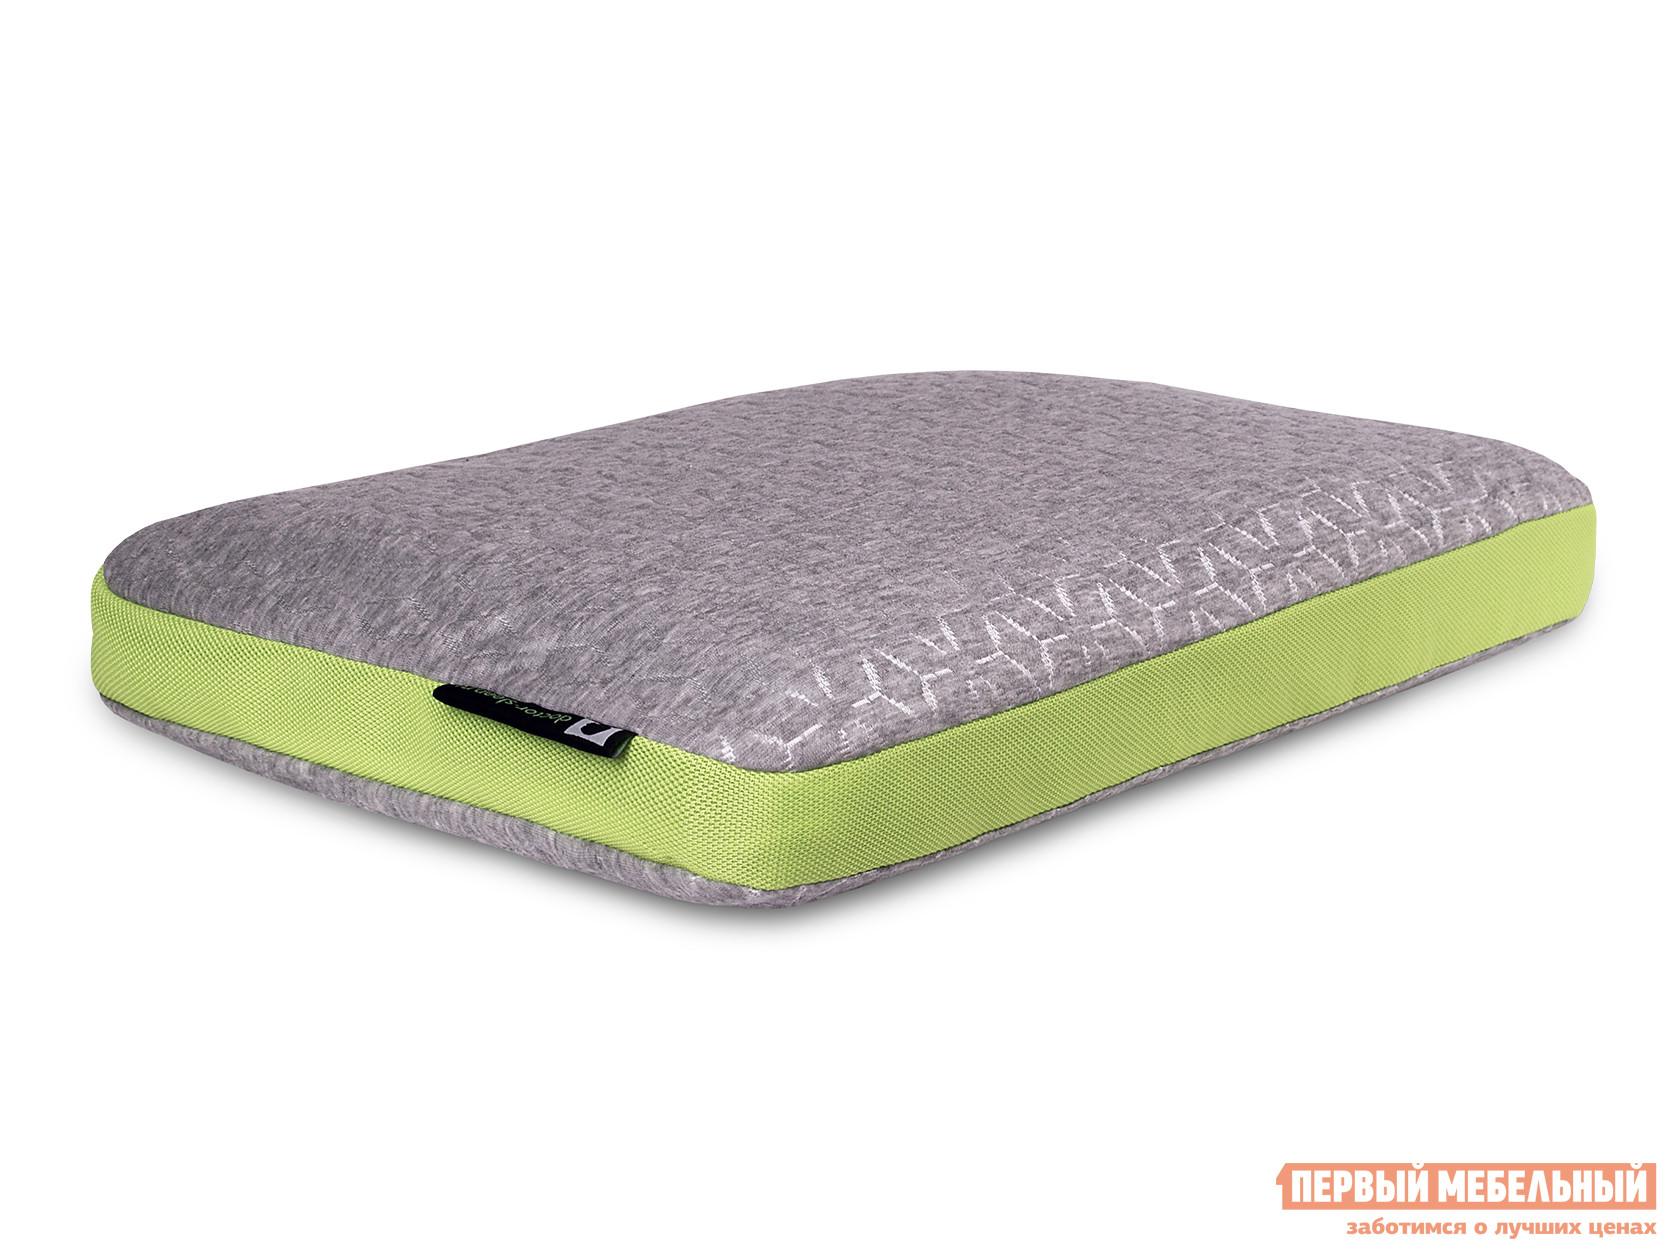 Подушка Первый Мебельный Energetic S/M/L tore brinck green energetic materials